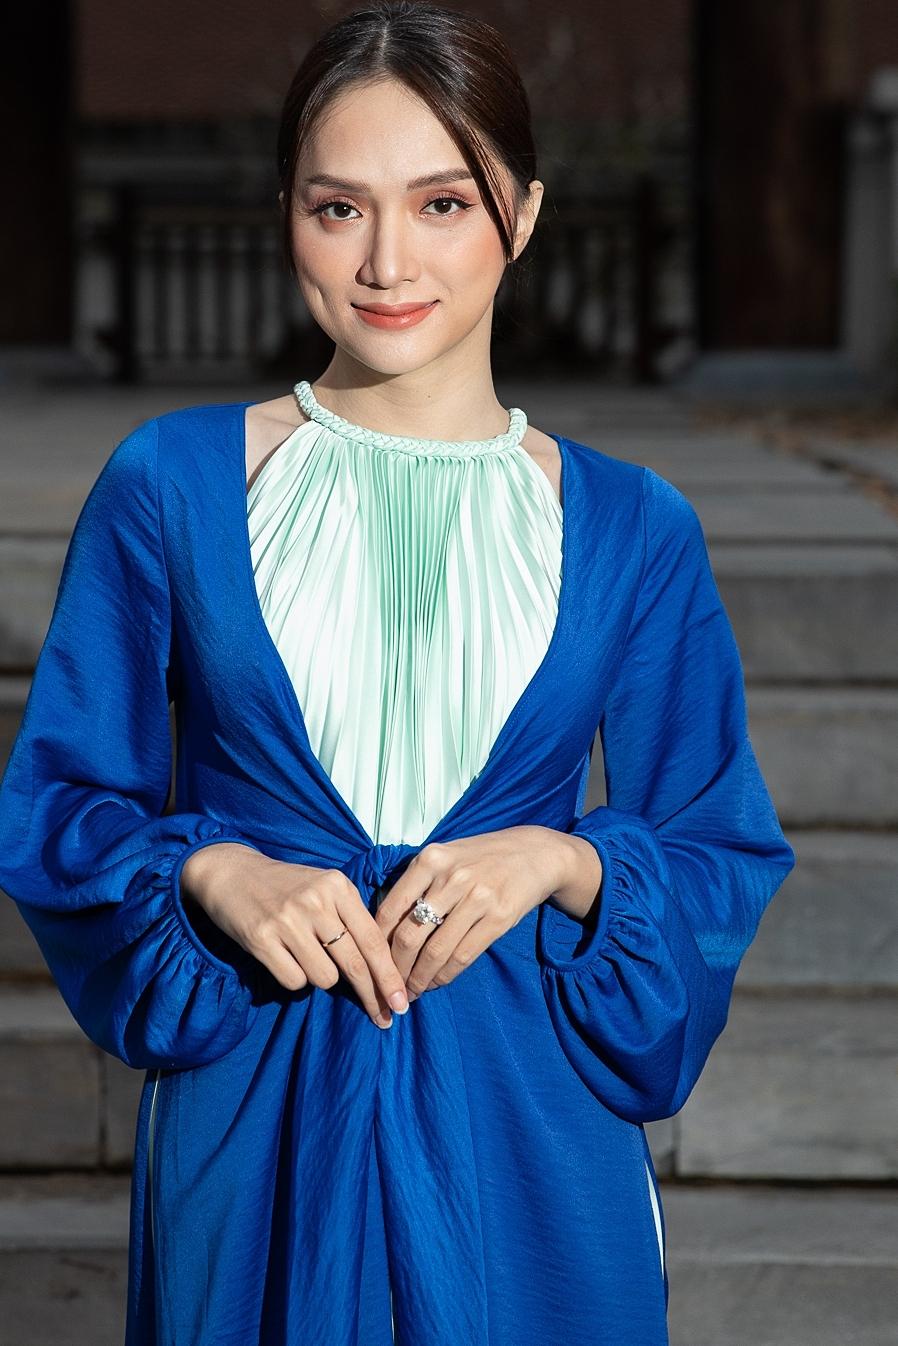 Người đẹp diện trang phục nằm trong bộ sưu tập mới, lấy cảm hứng từ văn hóa Bắc bộ.